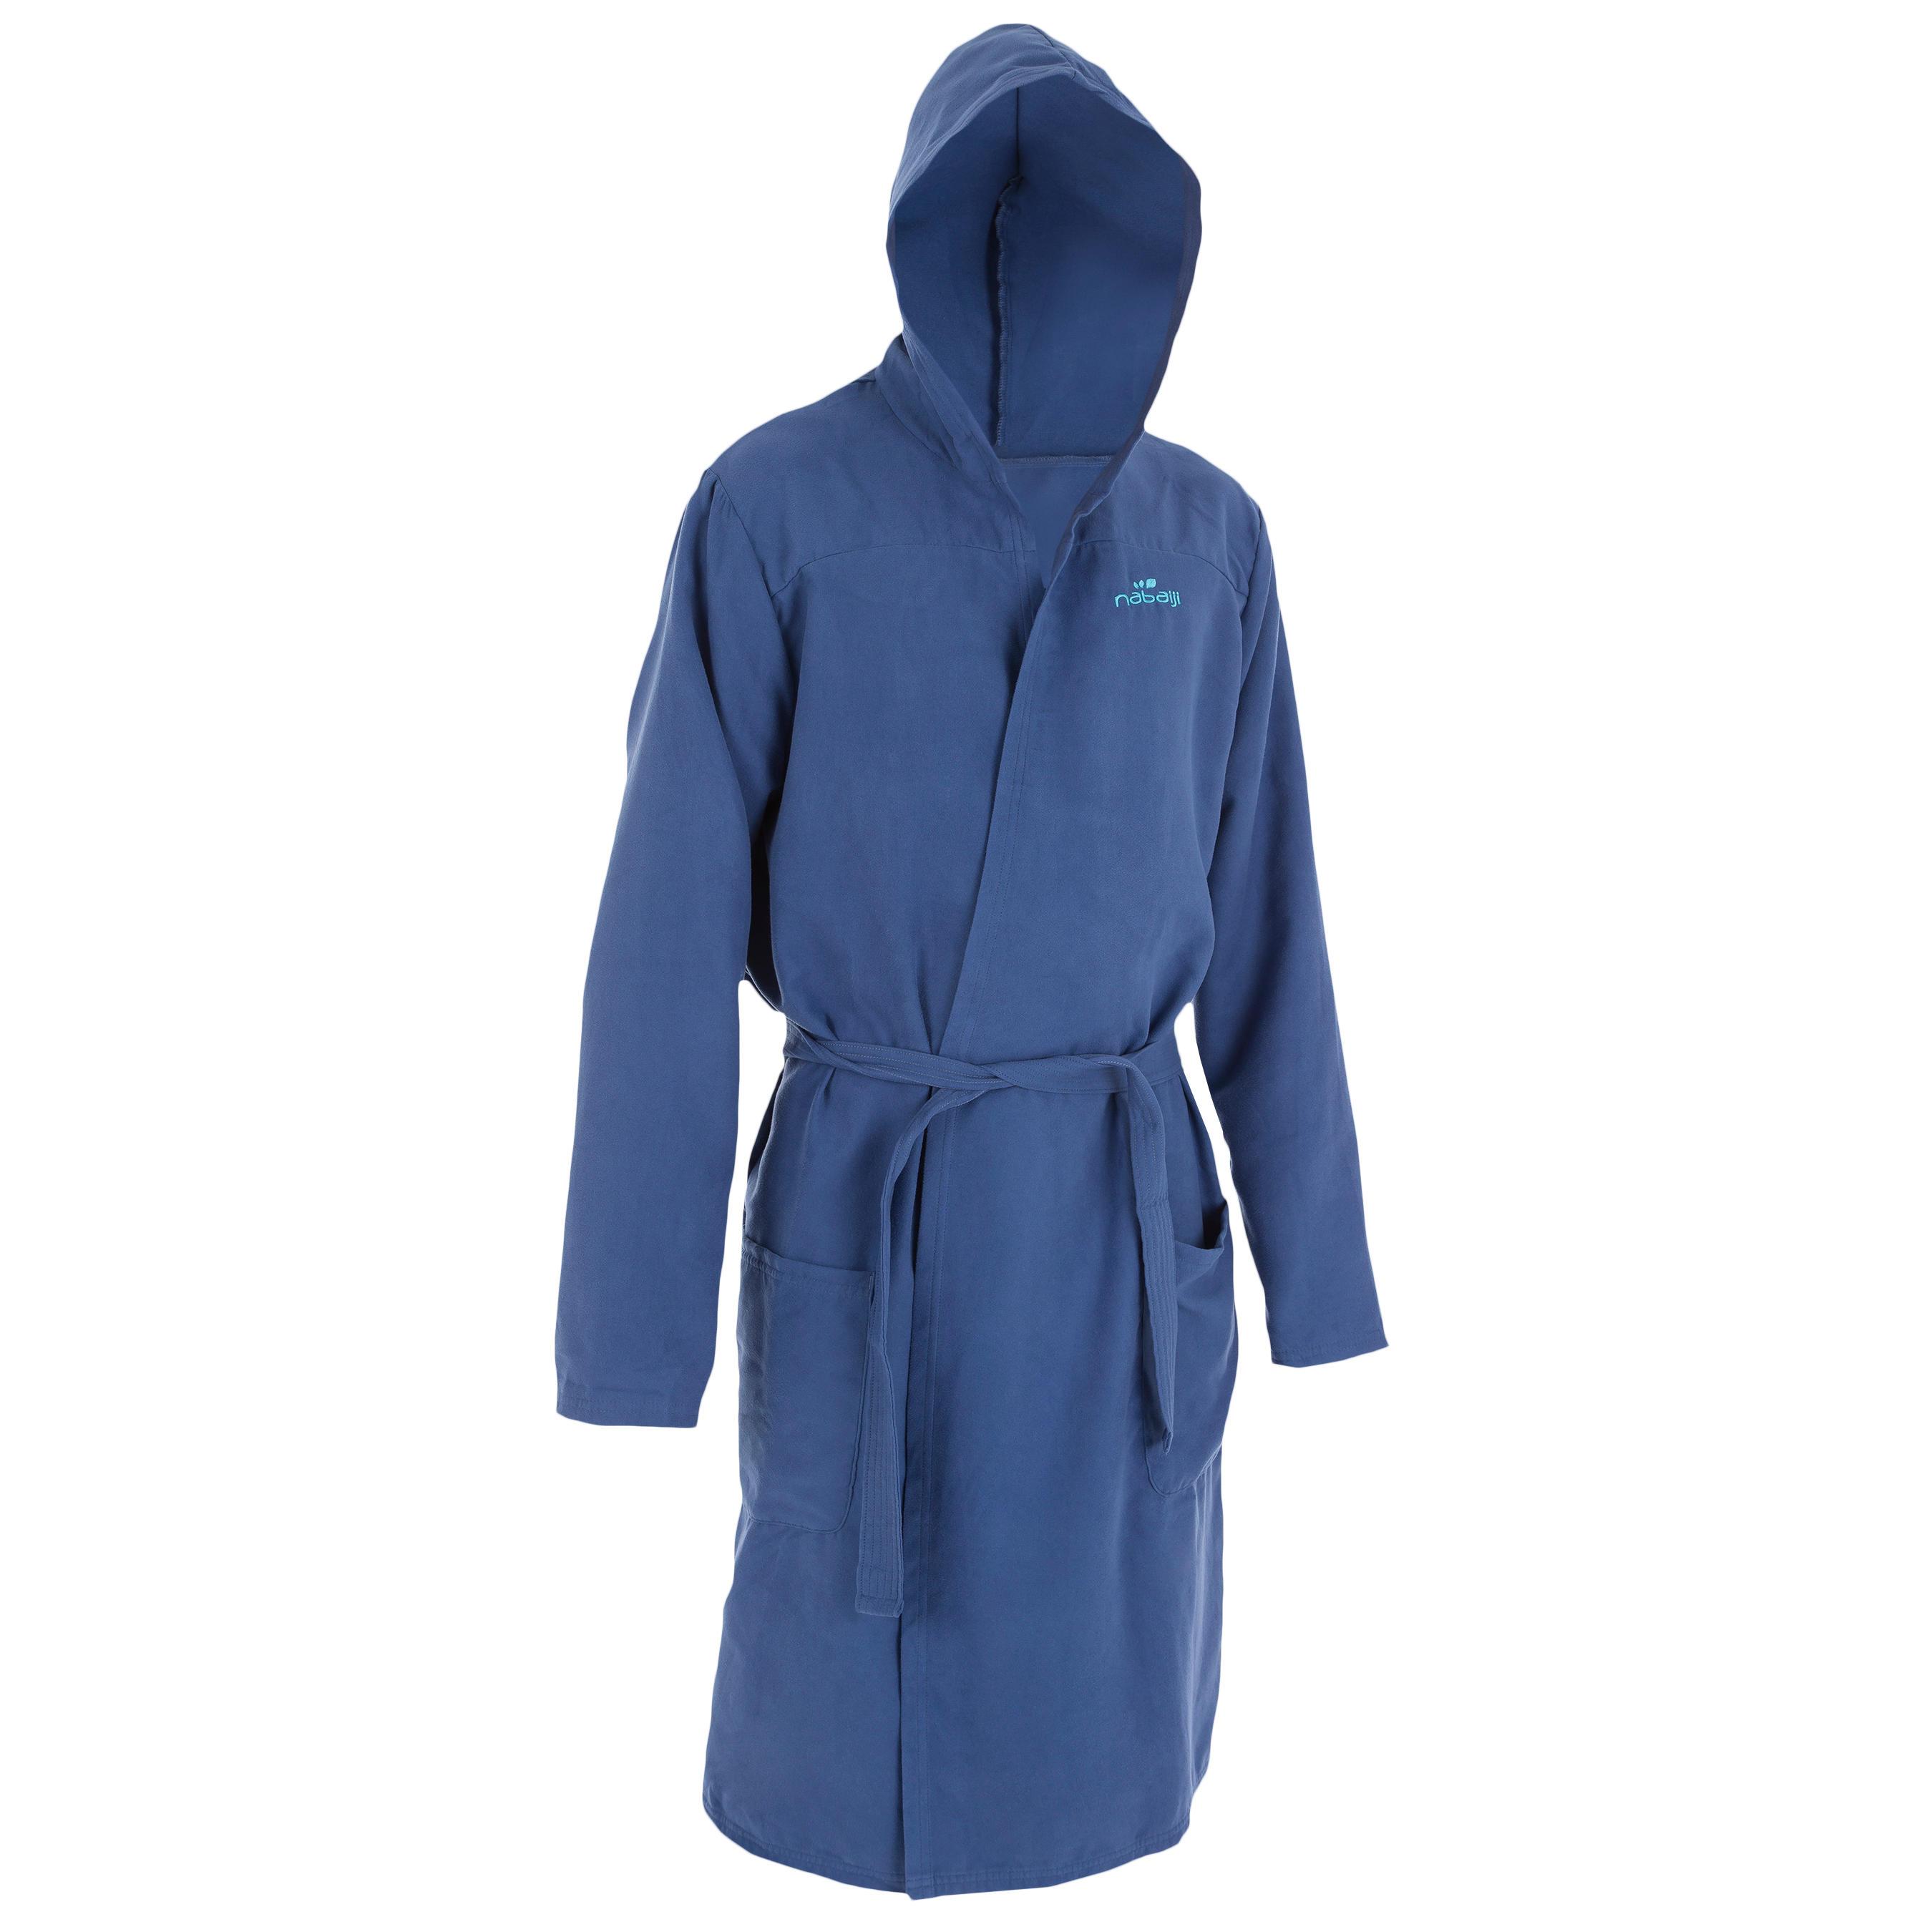 Peignoir microfibre natation homme bleu foncé avec capuchon, poches et ceinture